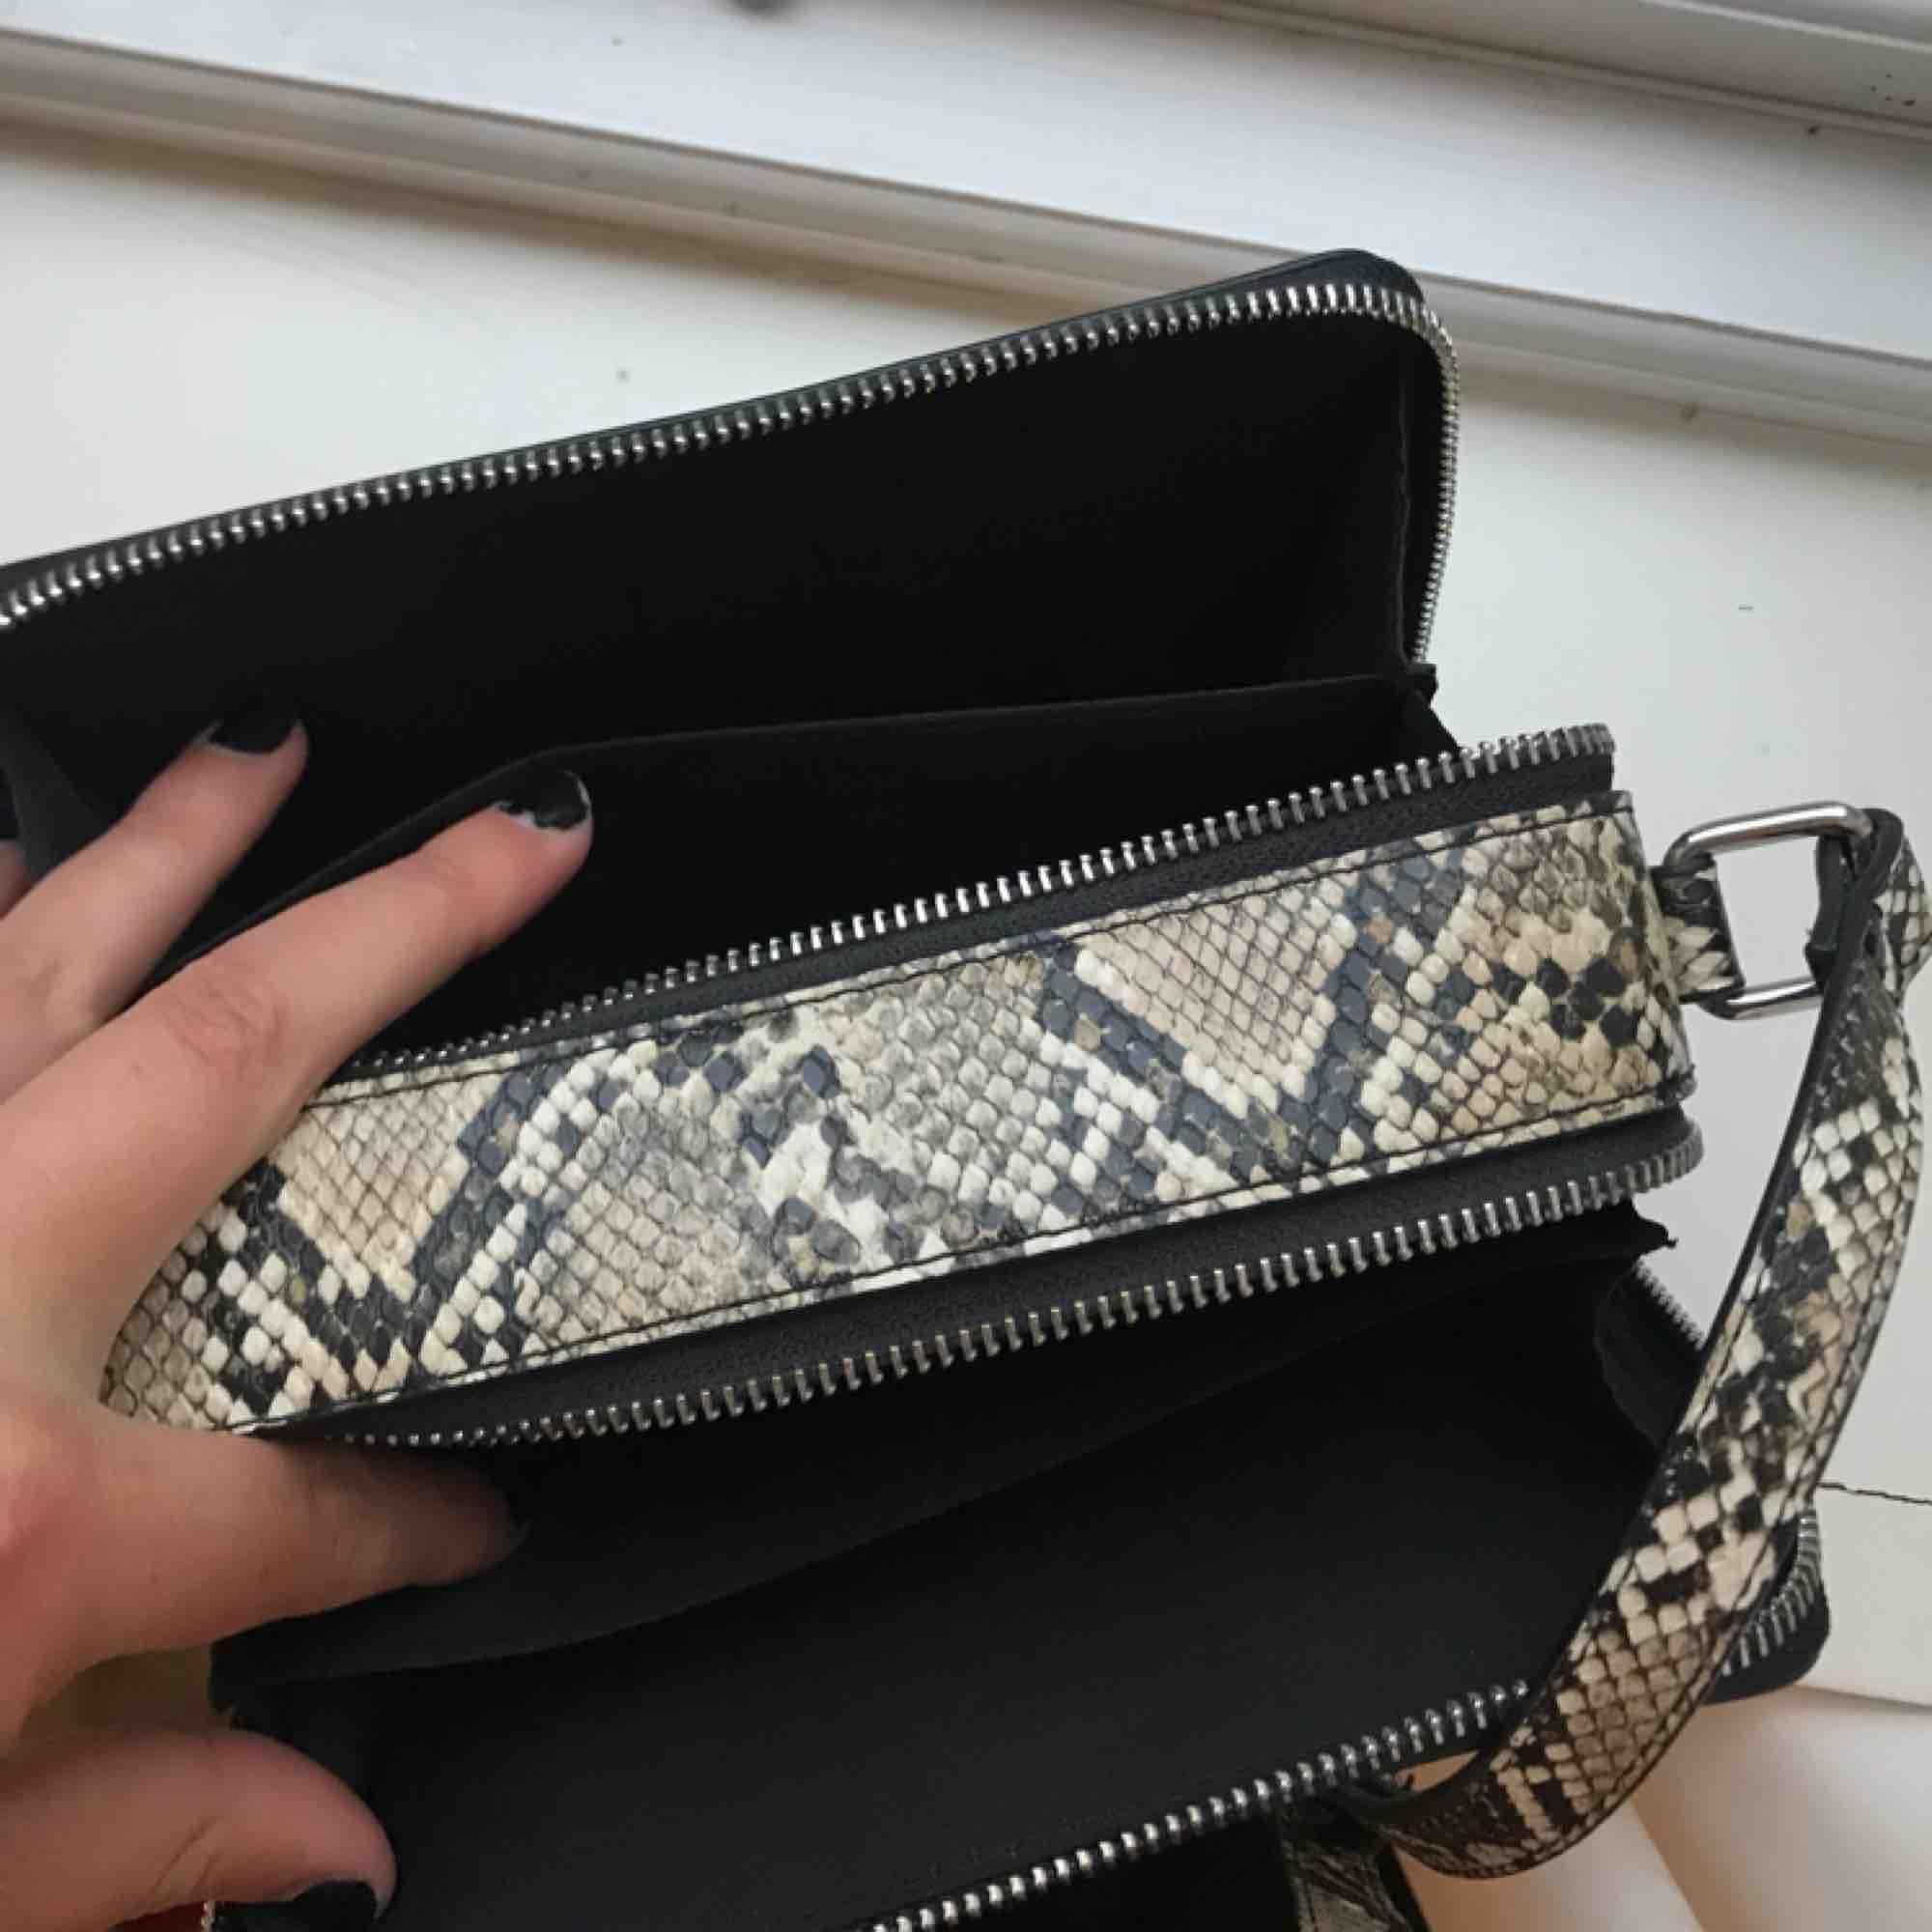 Superfin liten handväska/axelbandsväska i snakepattern (vilket är fett hett ;),) som ny! Väskan är hård och därför väldigt rymlig med justeringsbart axelband.. Väskor.